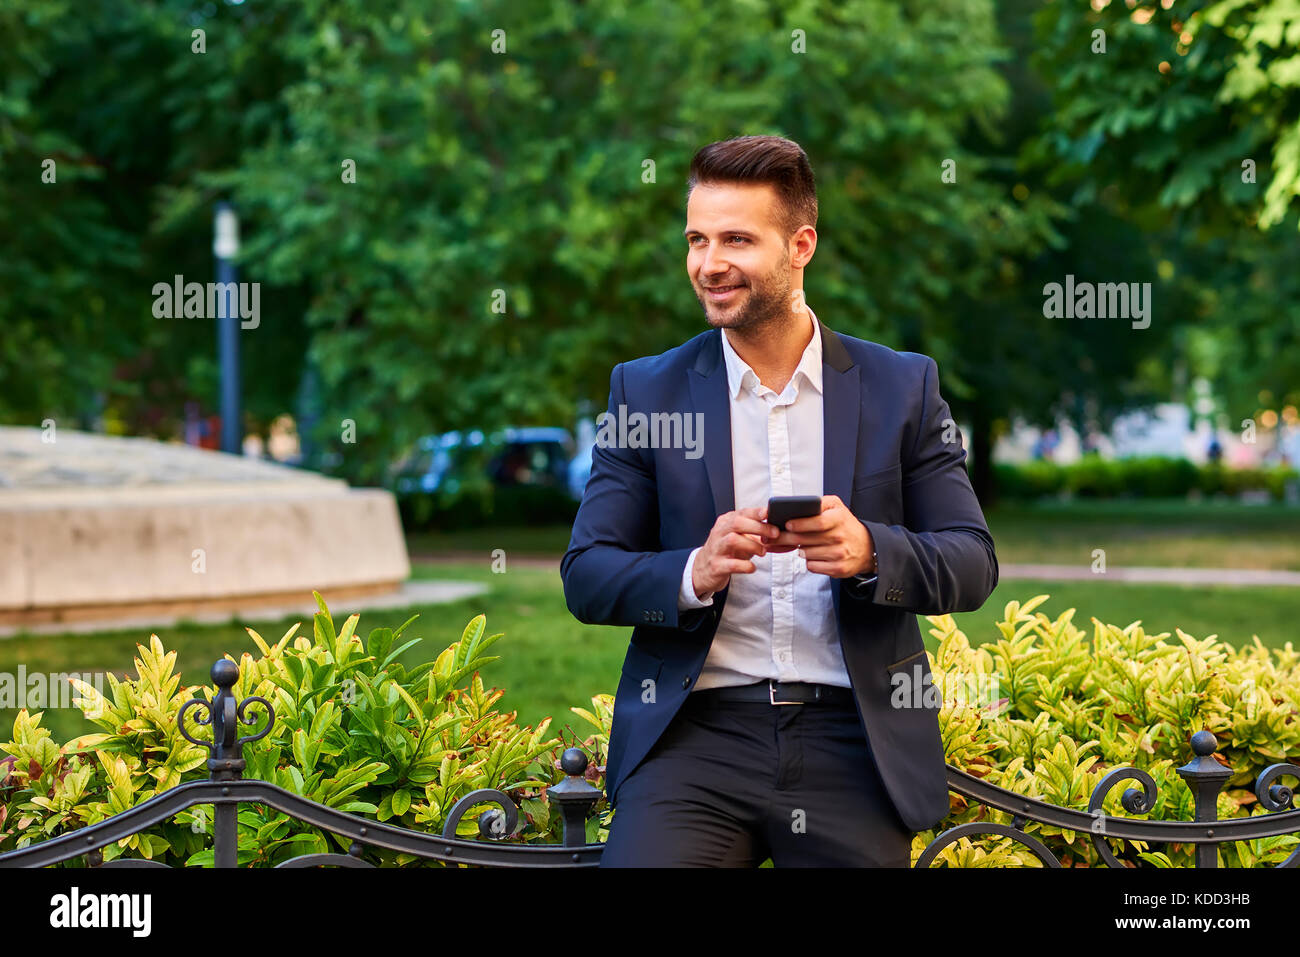 Un joven hombre de negocios guapo apoyado contra la valla en un parque mientras sostiene su smartphone Foto de stock